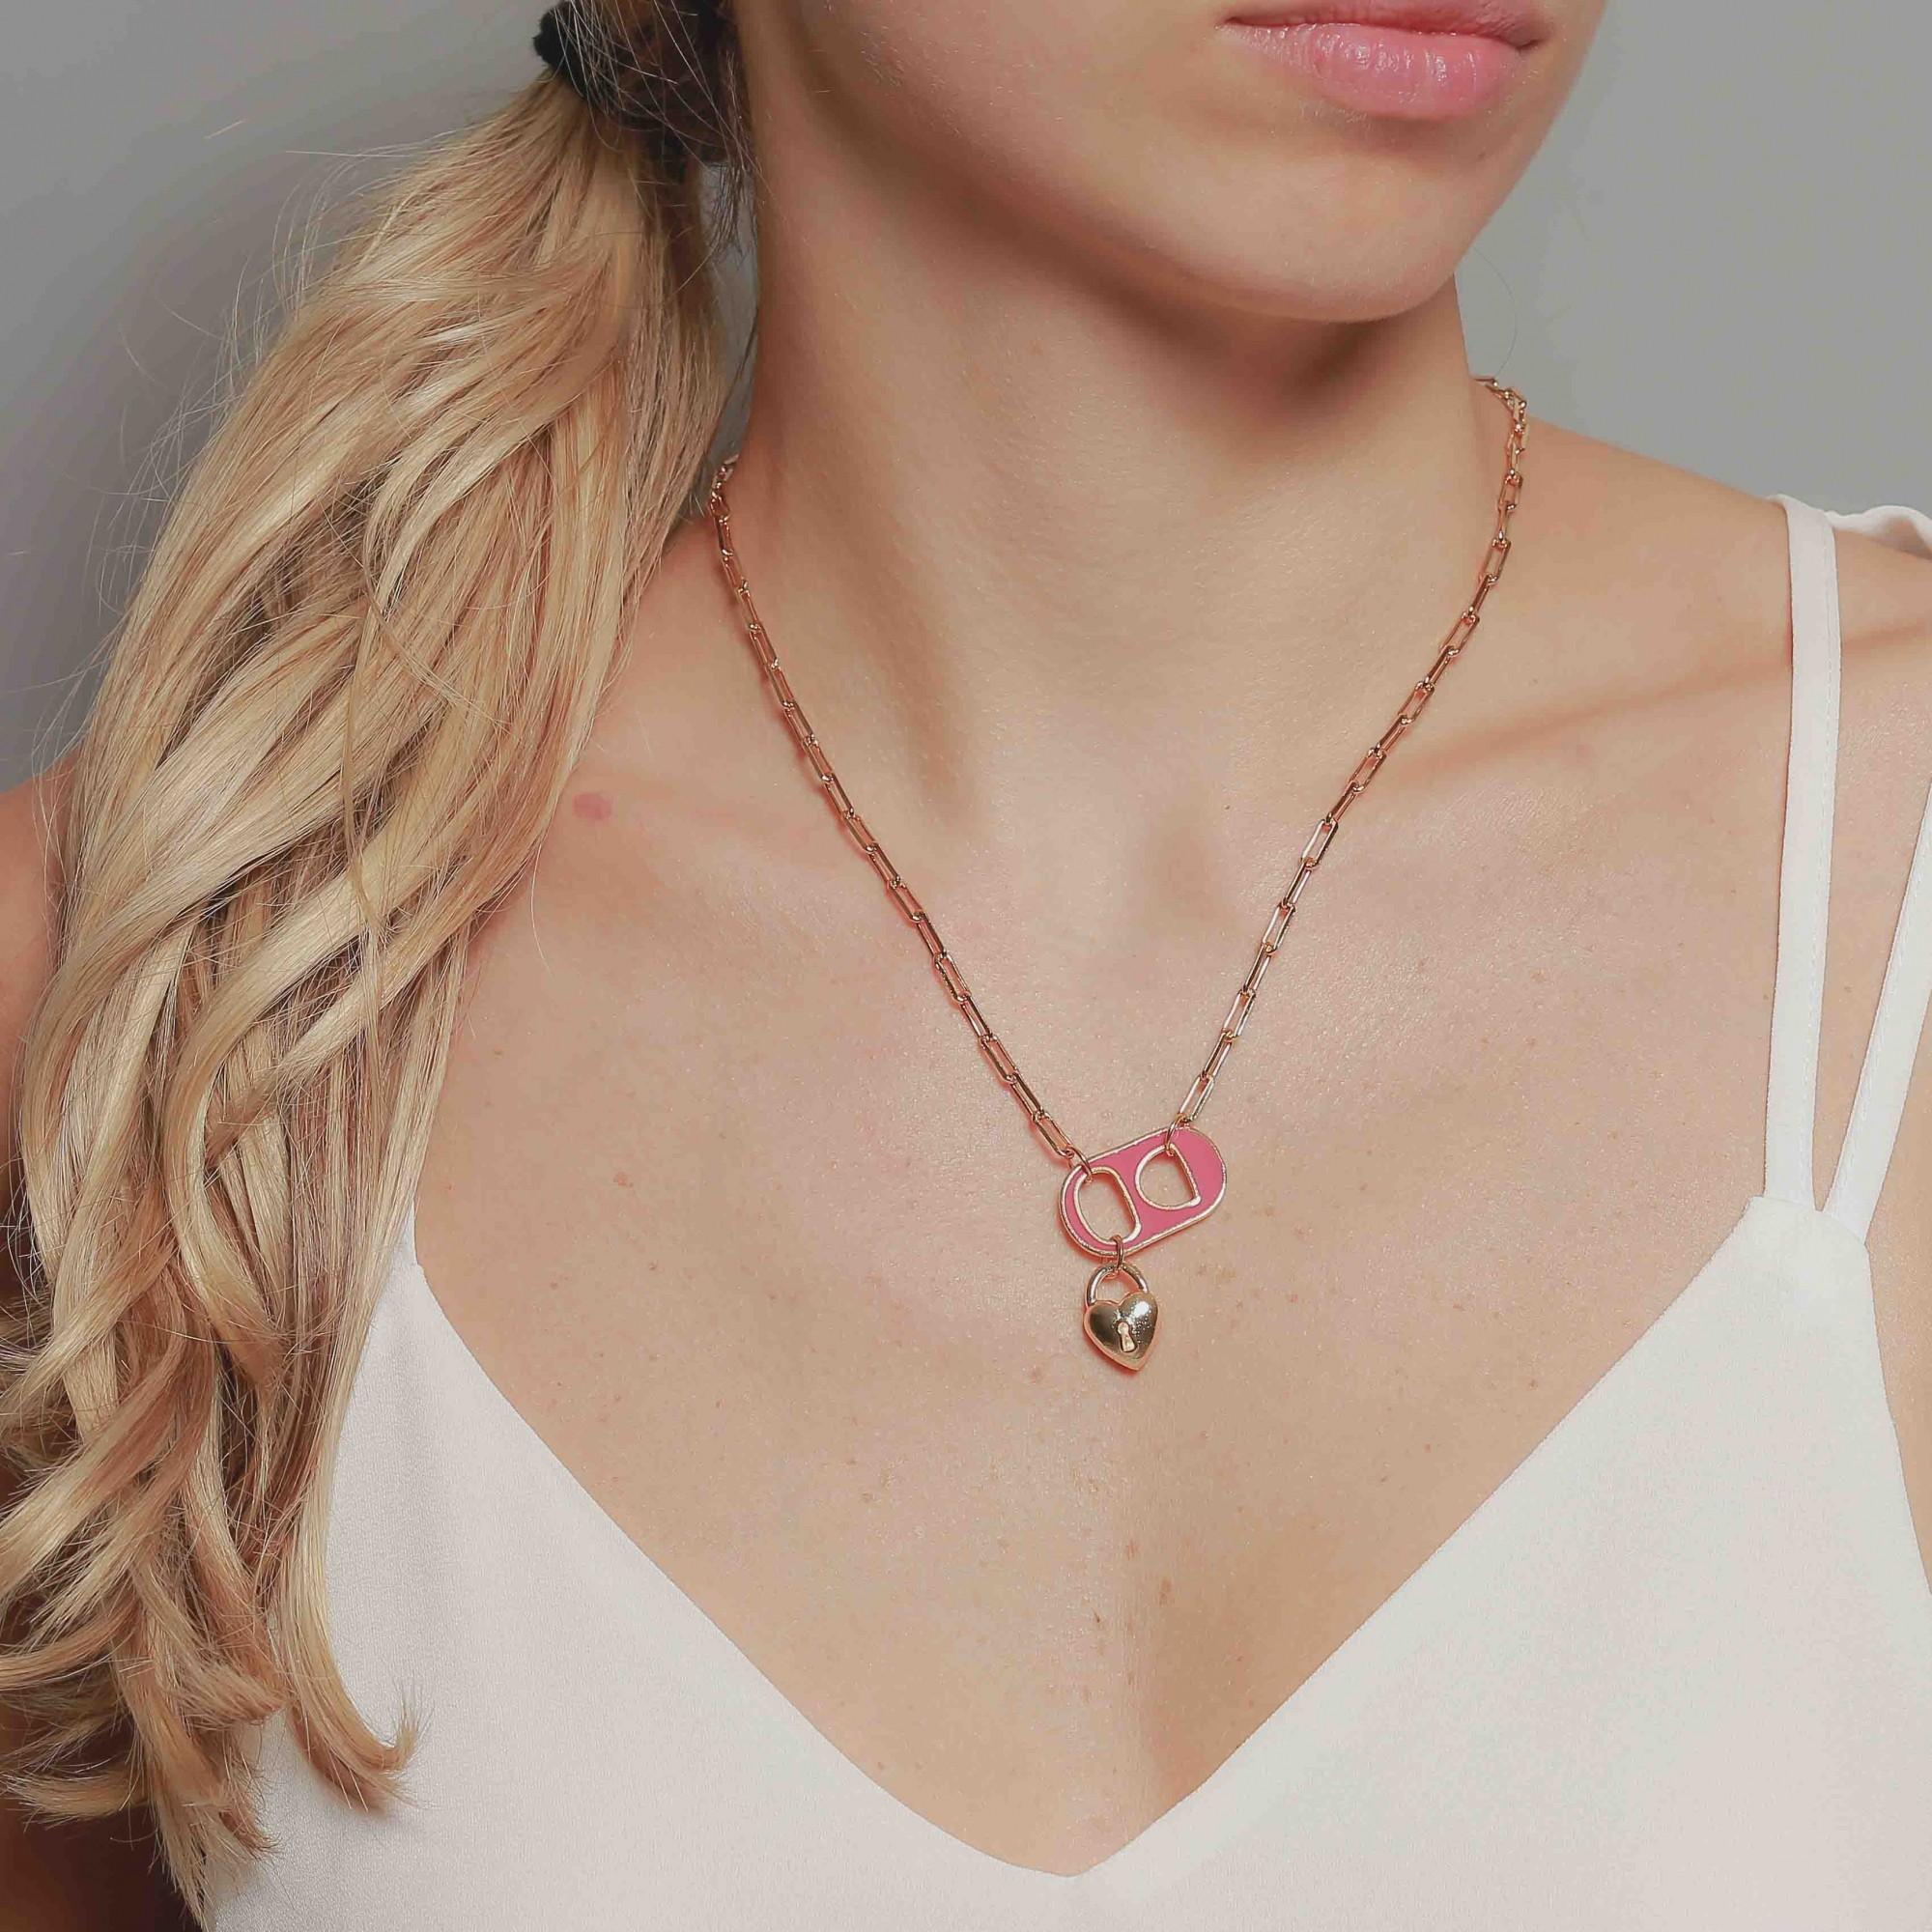 Colar cartier banhado à ouro 18k com pingente soda caps resinado rosa.  - romabrazil.com.br